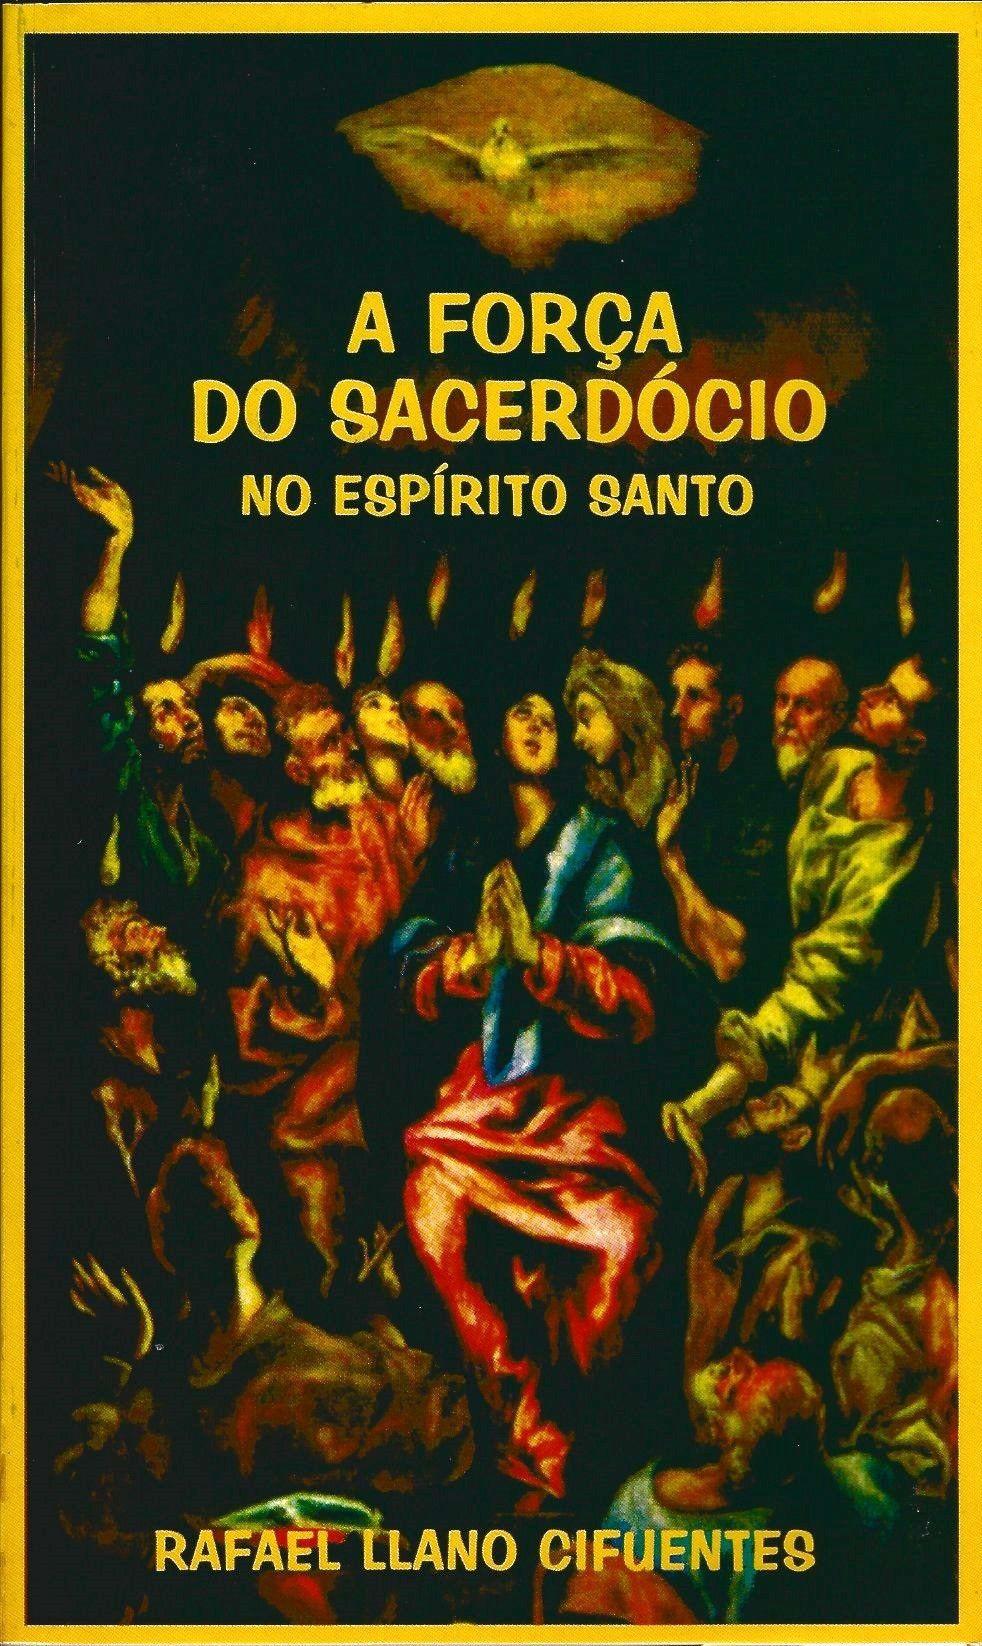 Força do sacerdócio no Espírito Santo, A